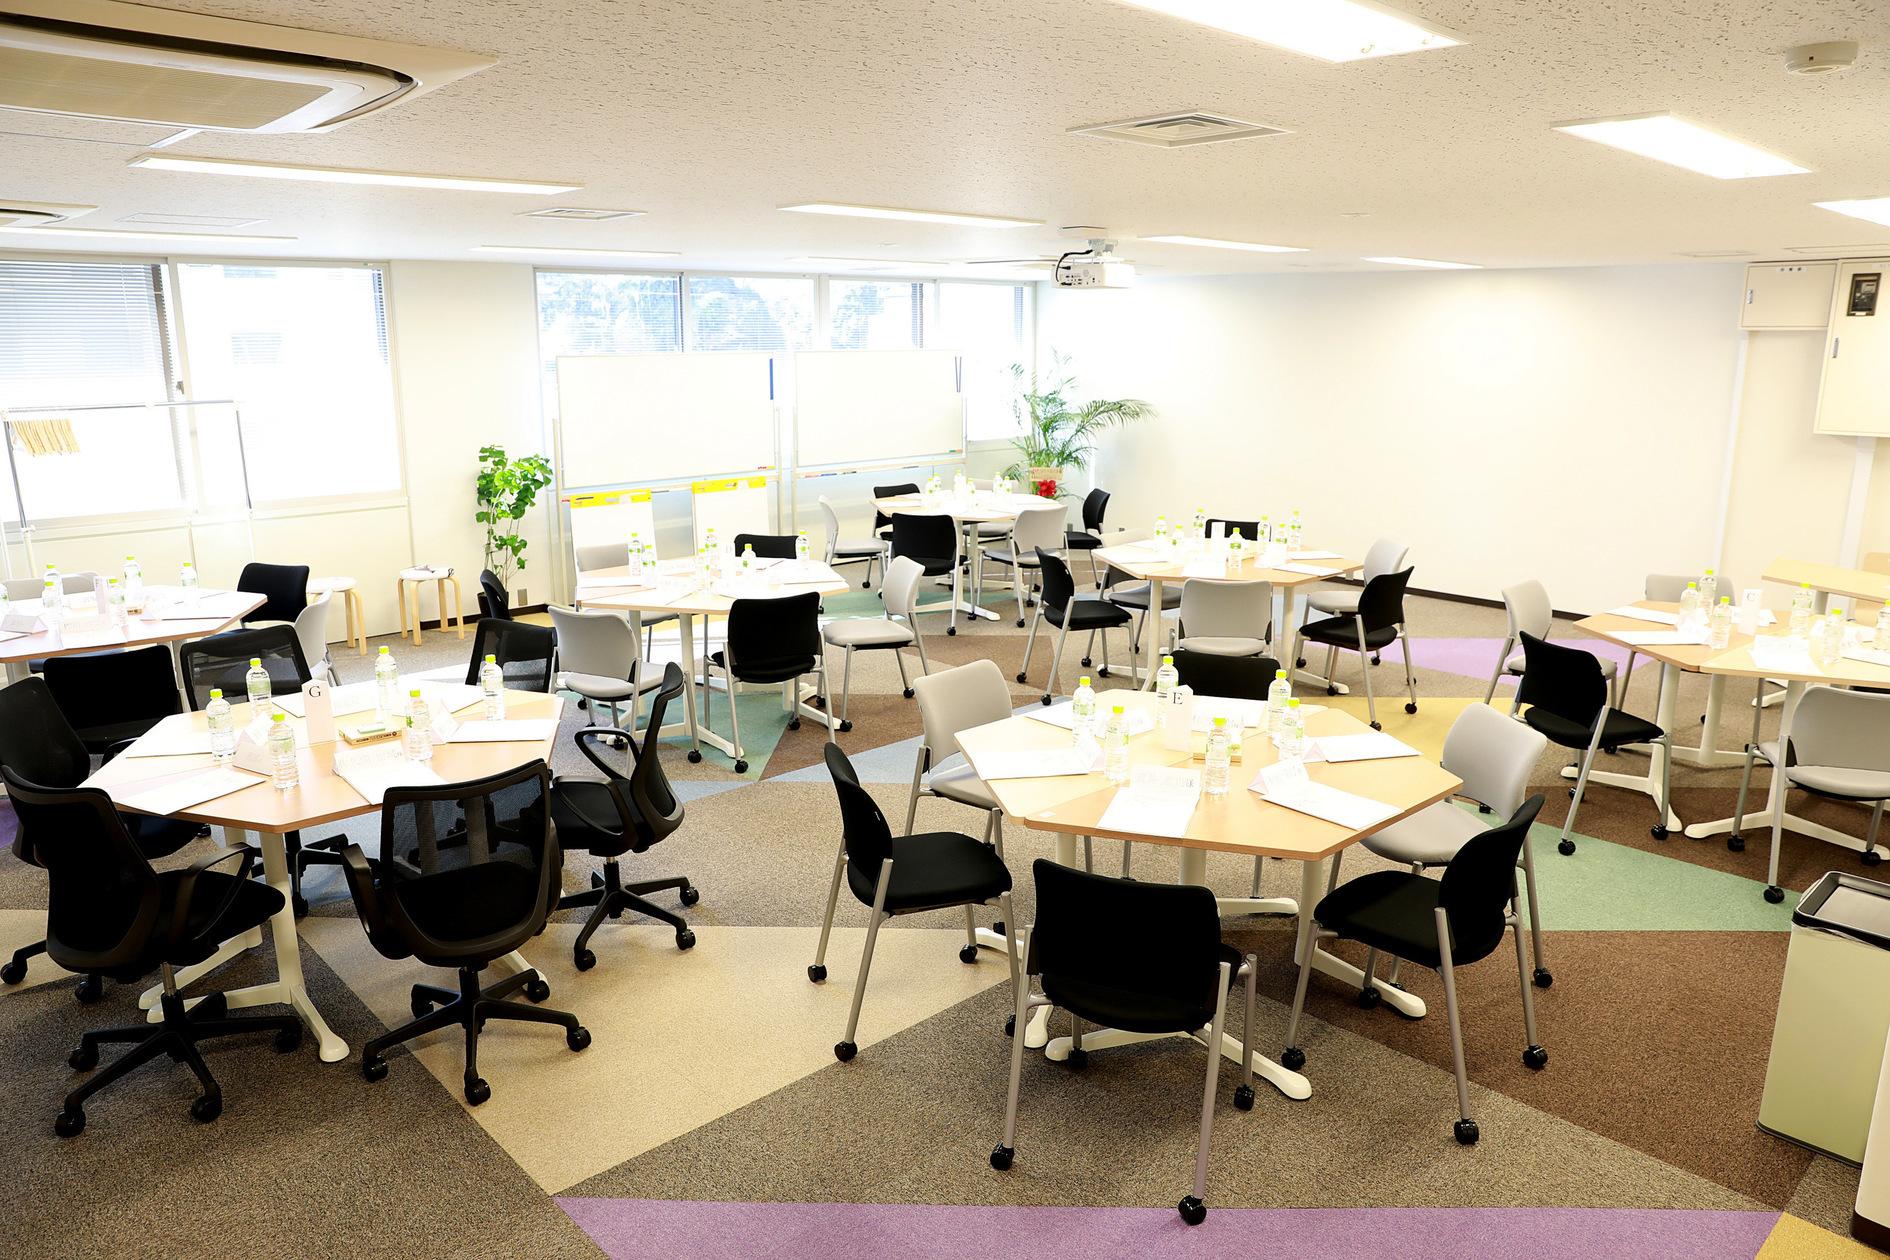 【品川駅前】研修会社がプロデュースするワークショップルーム(アルヴァスデザイン) の写真0